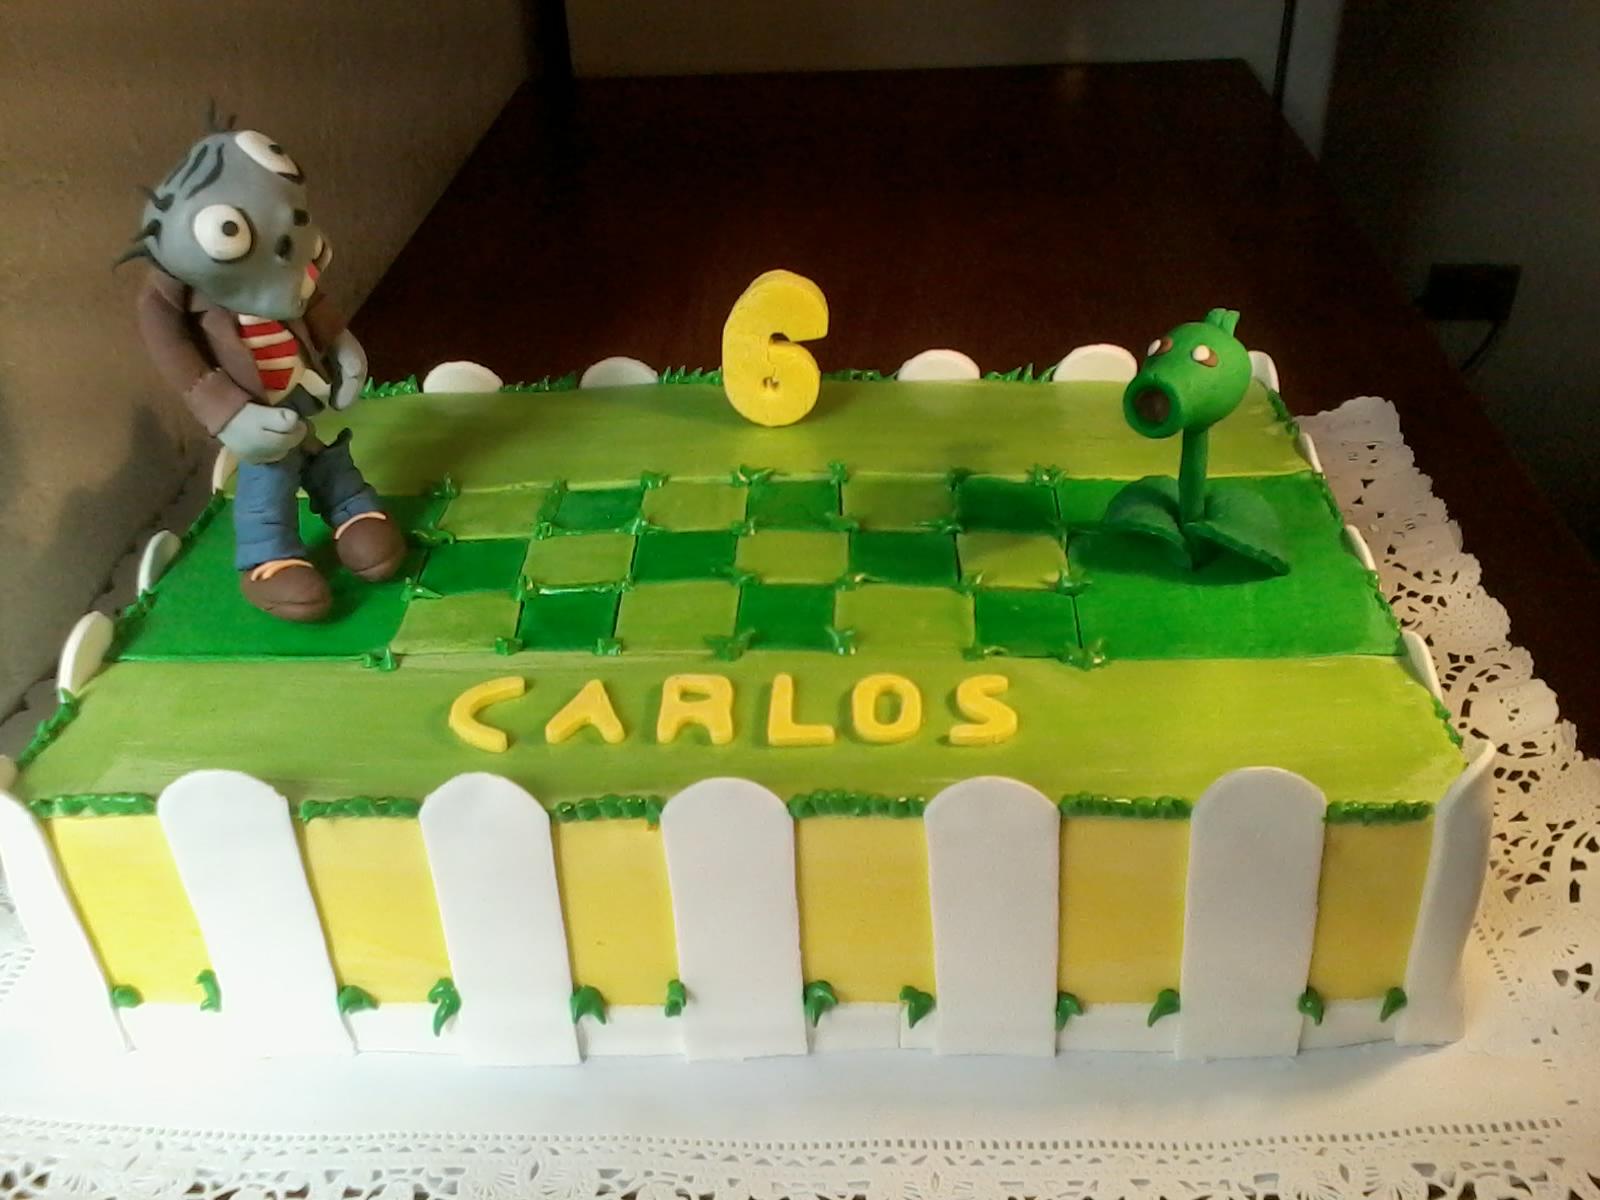 Tortas pasteler a consistorial for Cuartos decorados de plants vs zombies